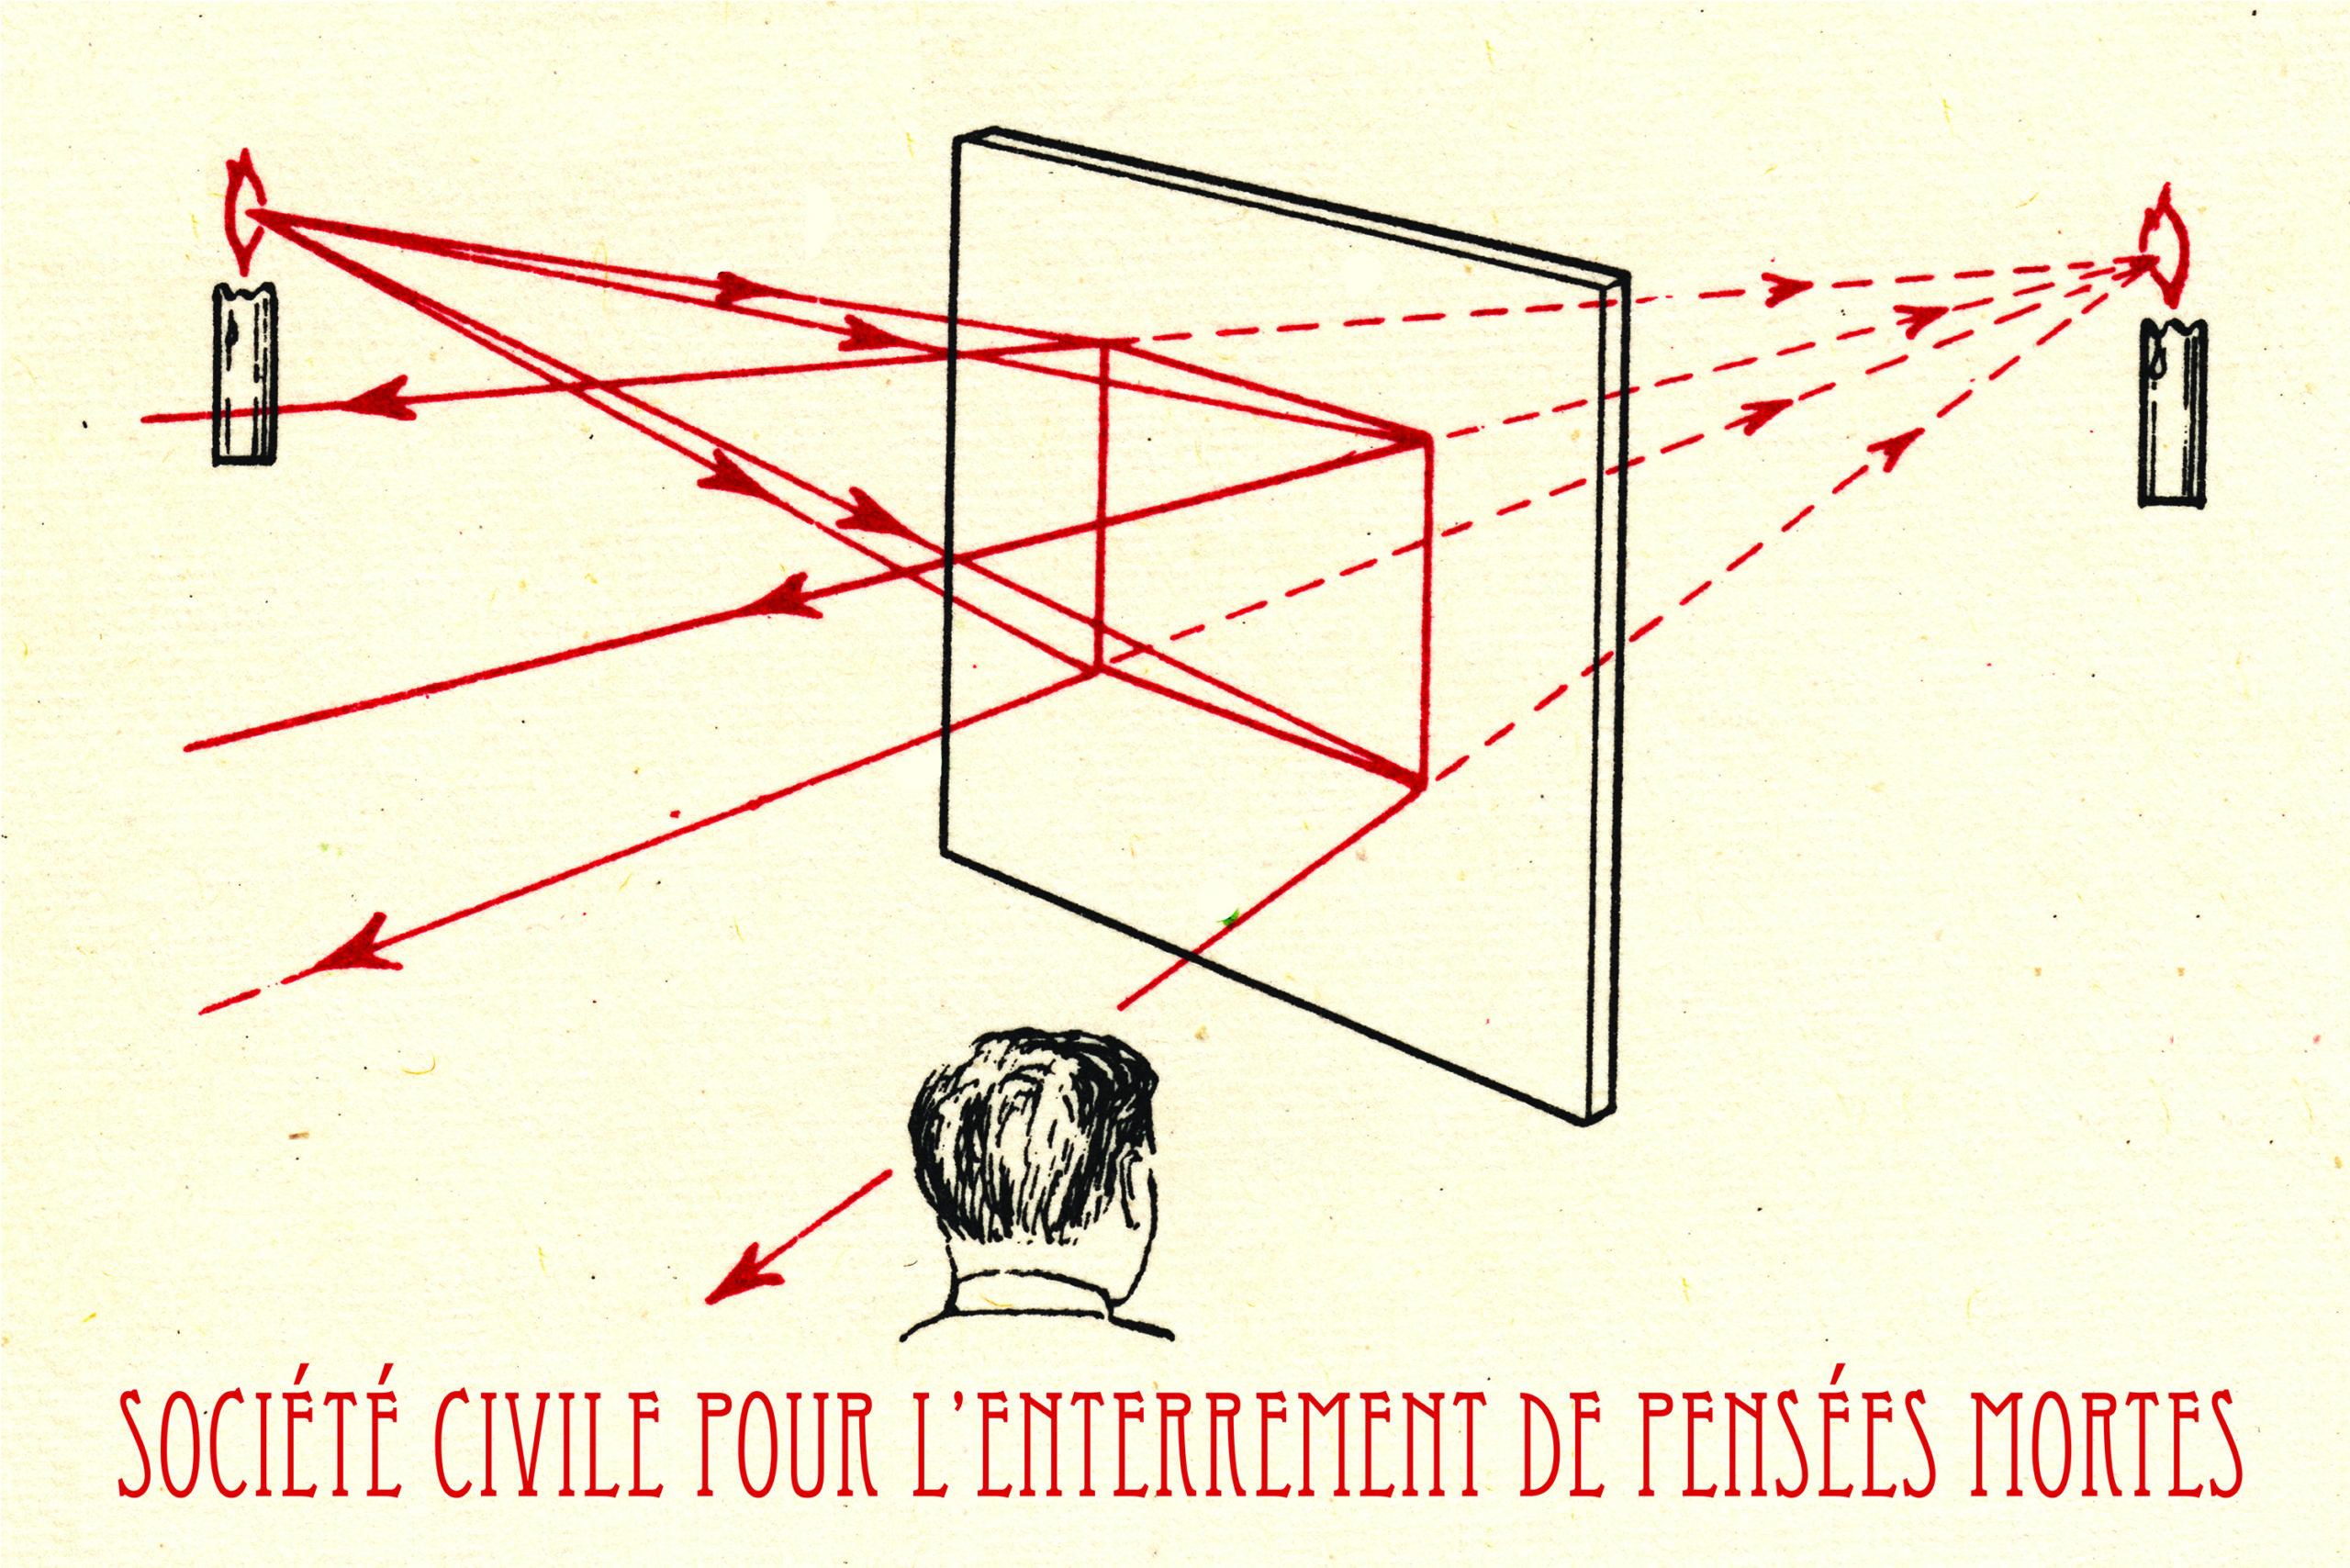 PABLO HELGUERA, Société Civile pour l'Enterrement de Pensées Mortes, Rectangle, Brussels